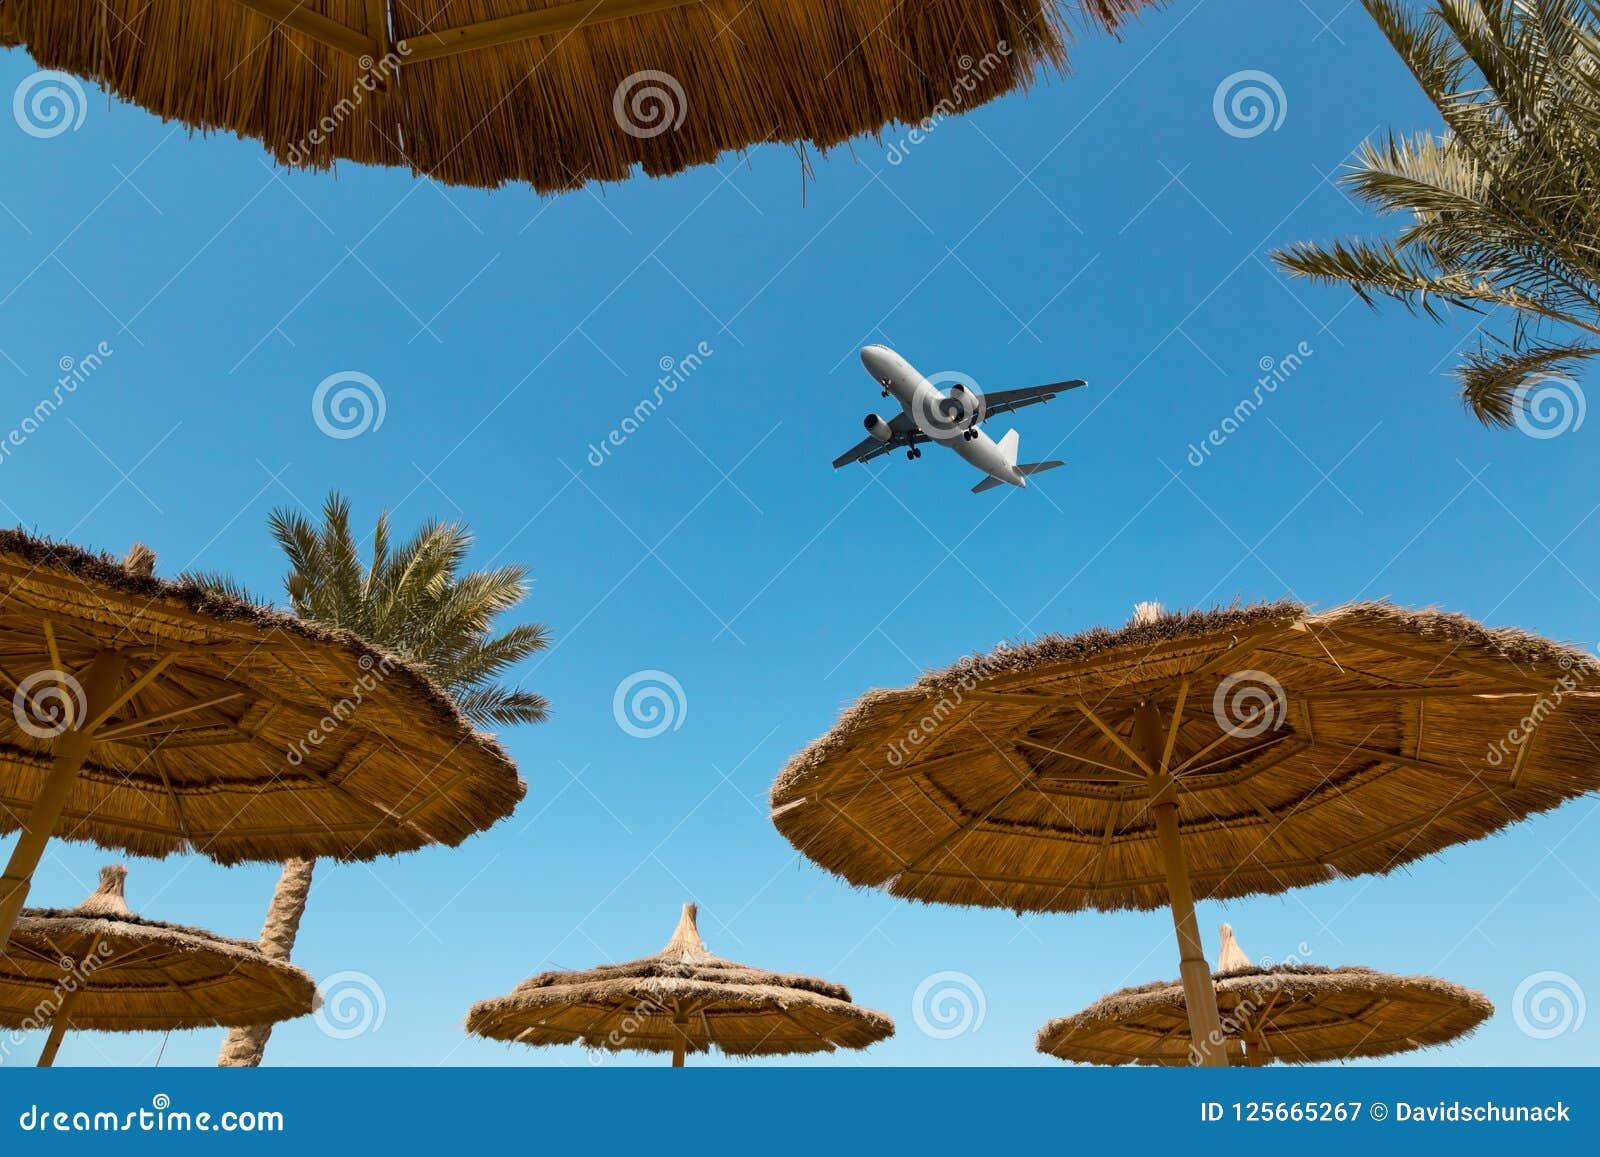 Plusieurs parapluies de plage de paille et un avion